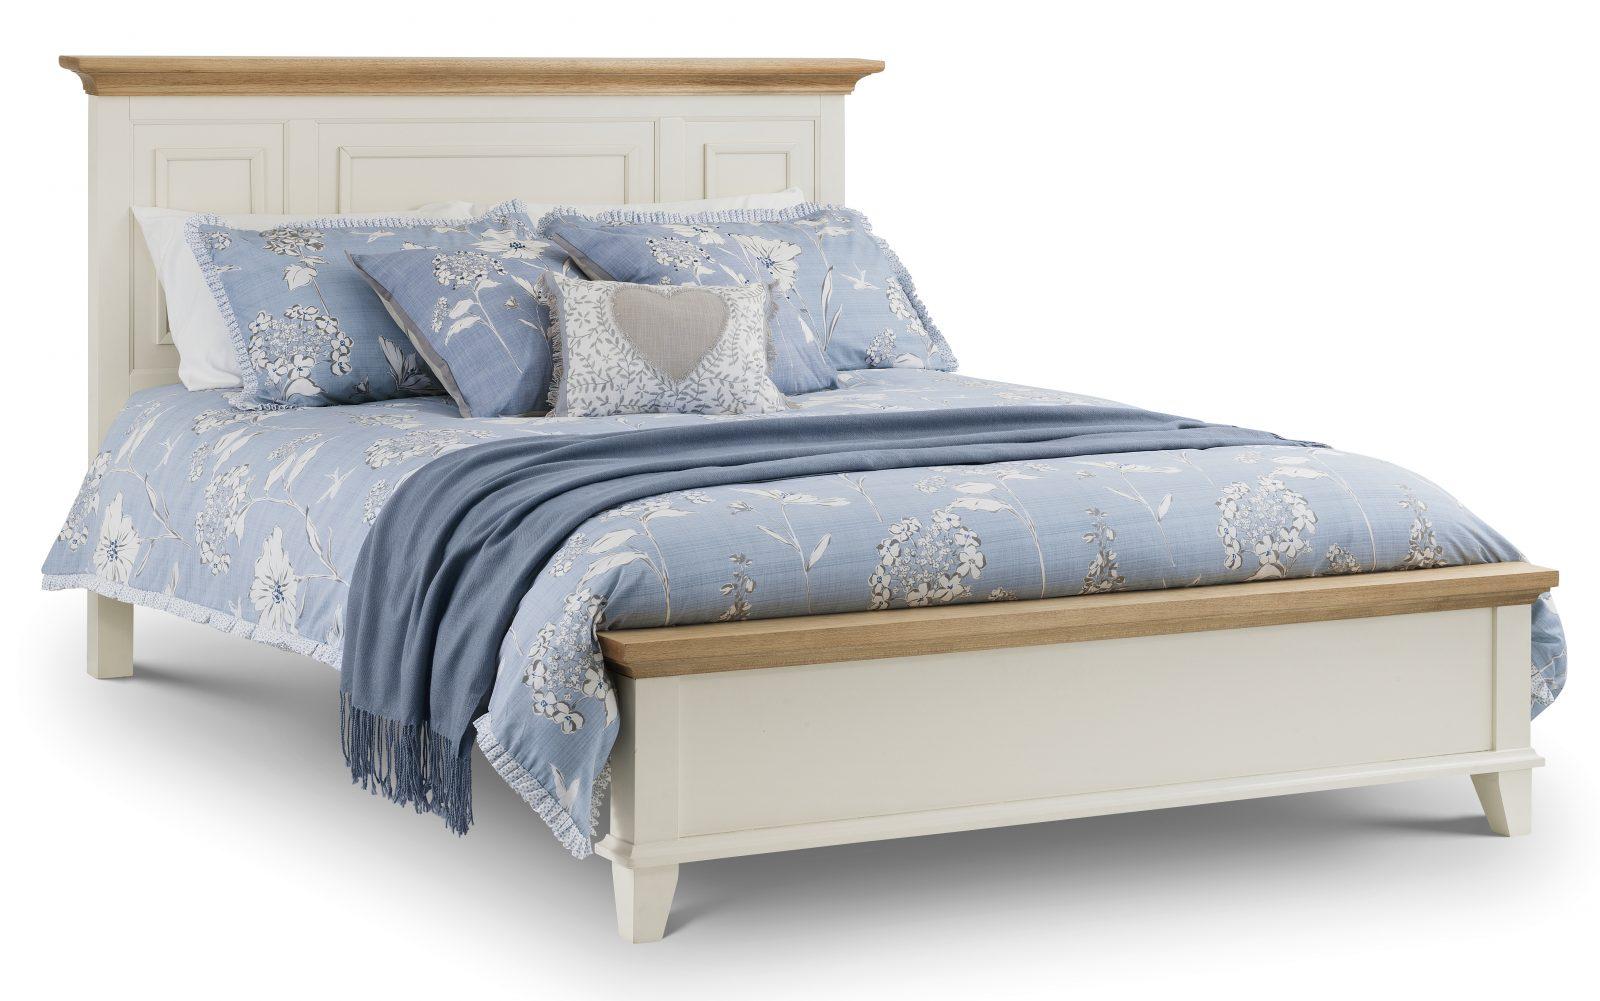 Portland King Size Bed Frame